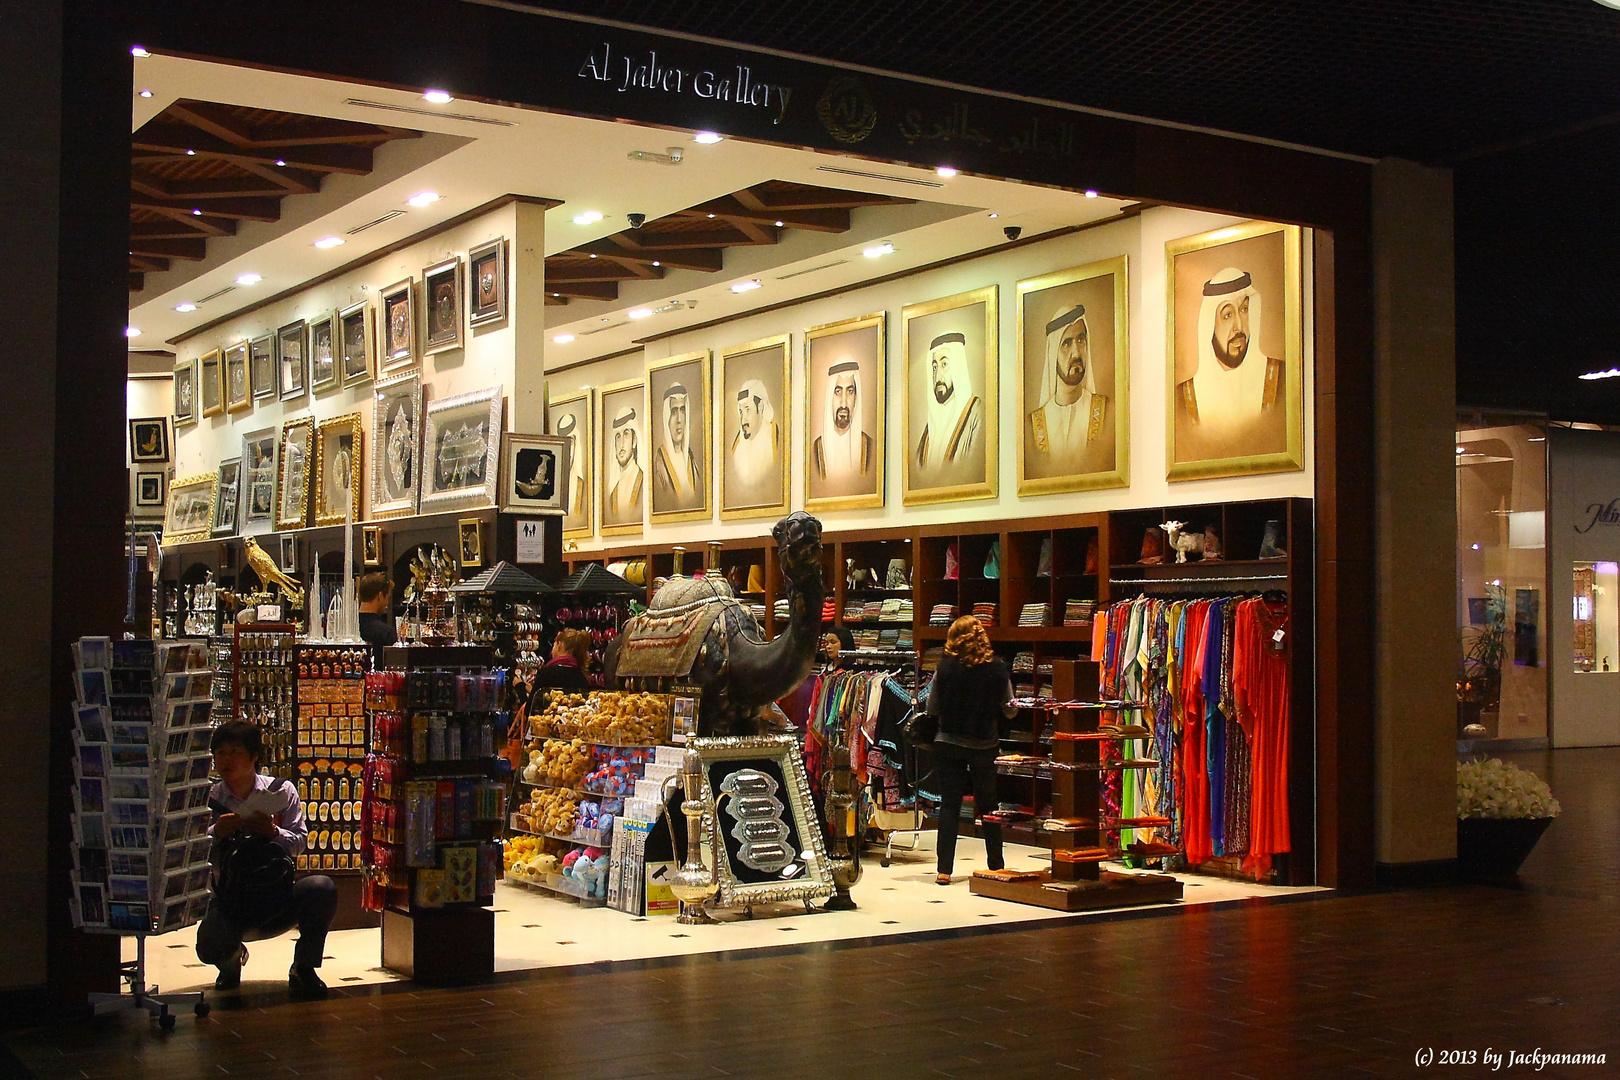 Ein winzig kleiner Teilausschnitt der riesigen Mall in Dubai